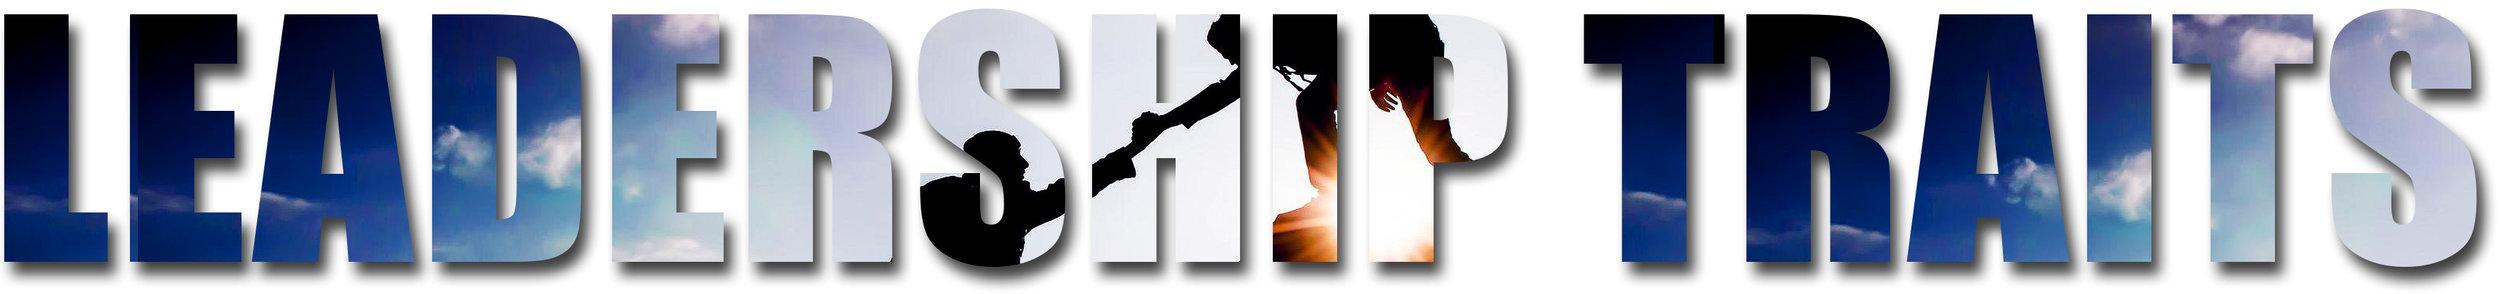 Leadership Traits Title - Joshua Seedman.jpg